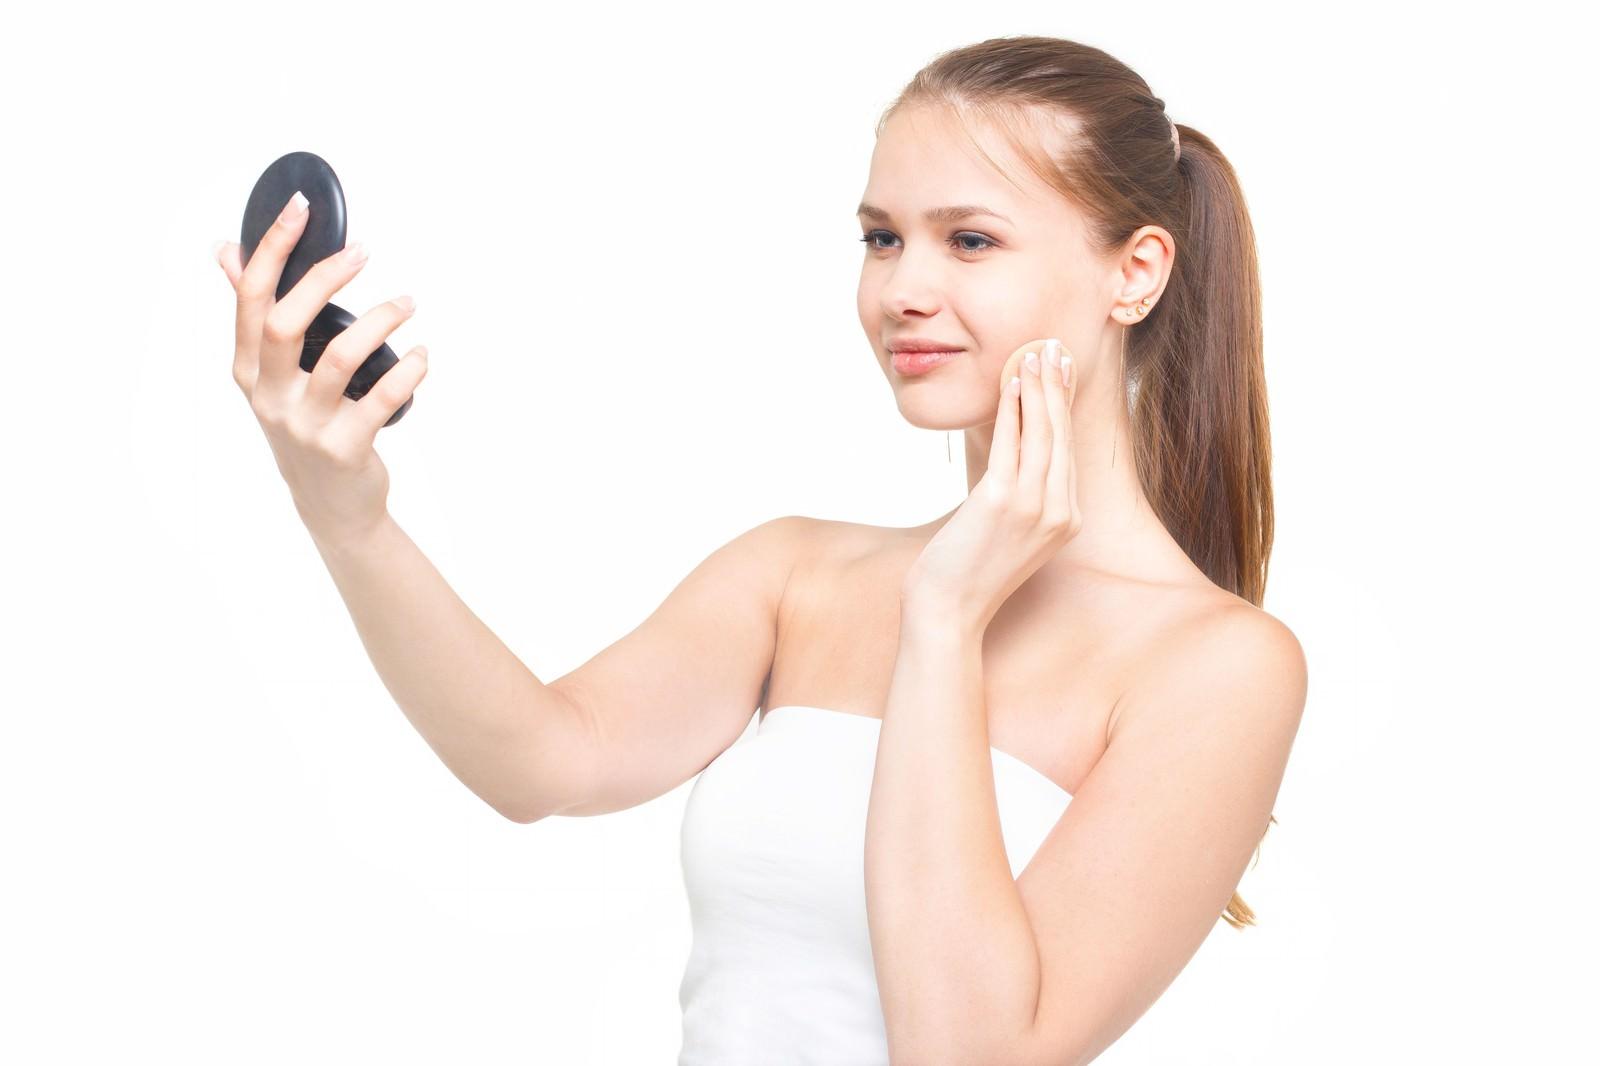 「コンパクトミラーを見ながら化粧をする微笑み顔の女性」の写真[モデル:モデルファクトリー]